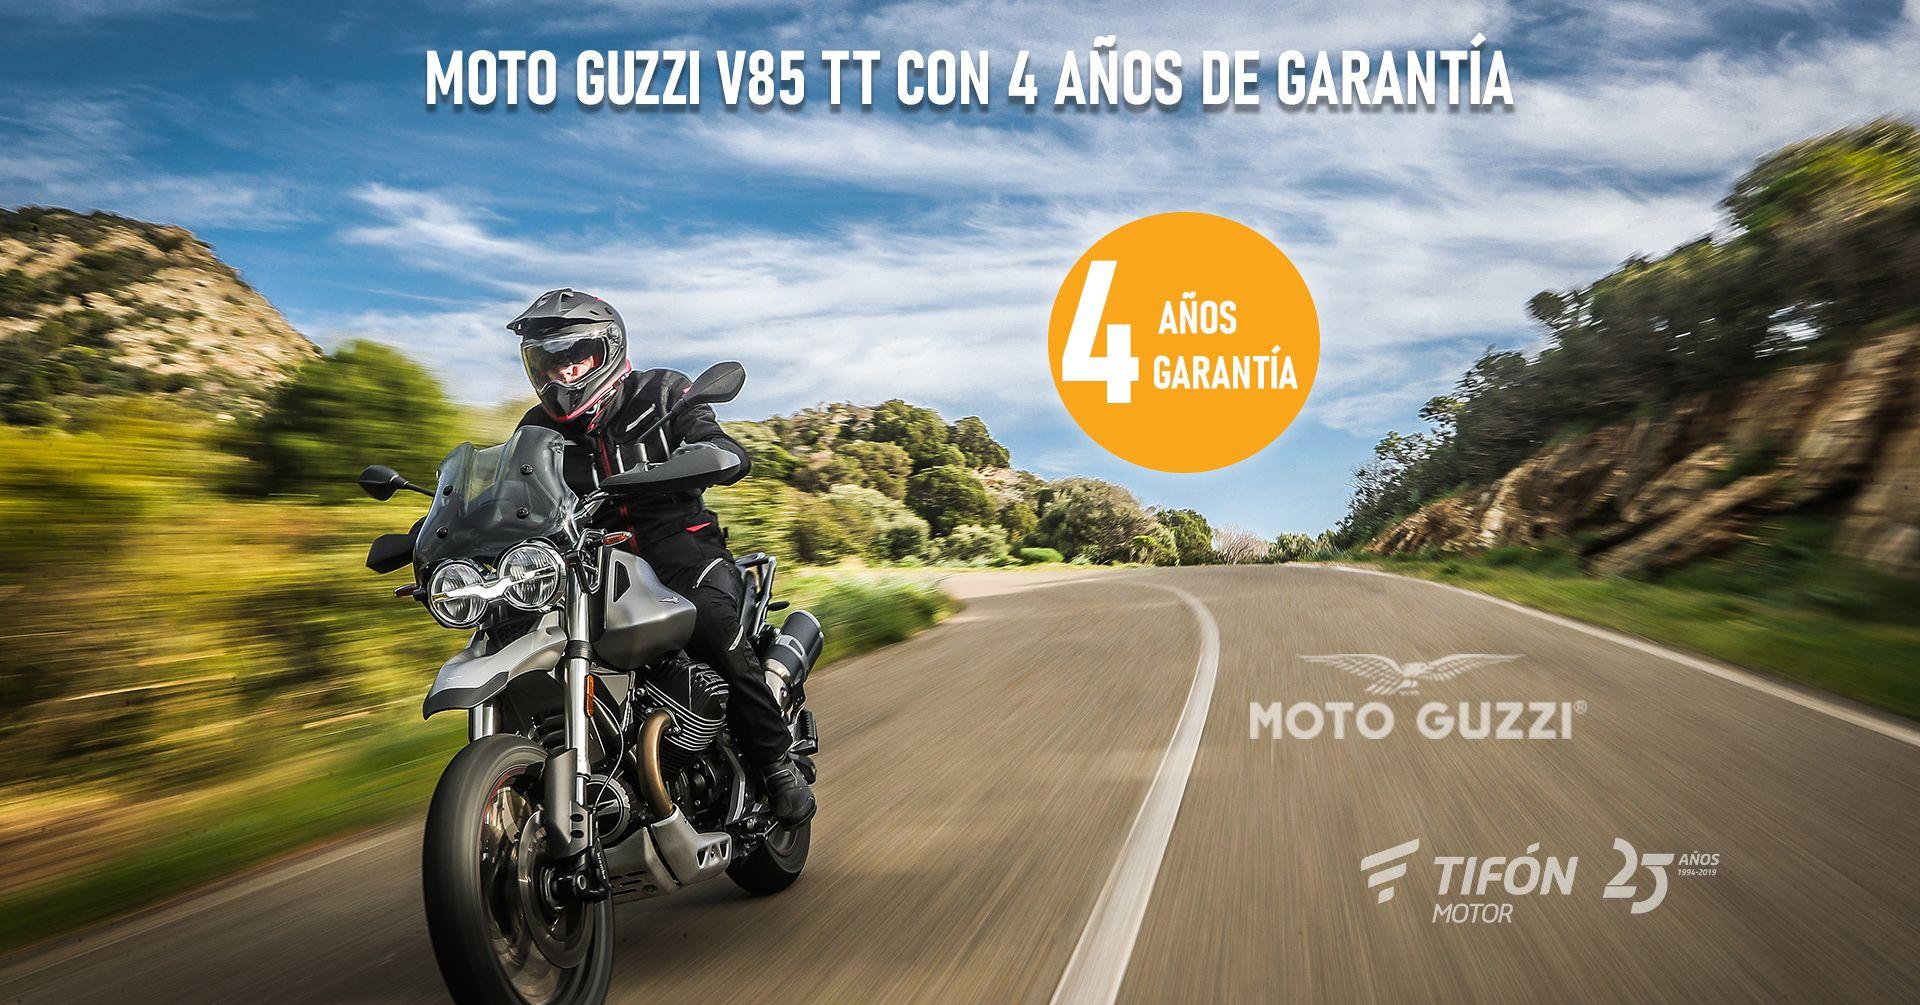 4 años de garantía en la Moto Guzzi V85 TT